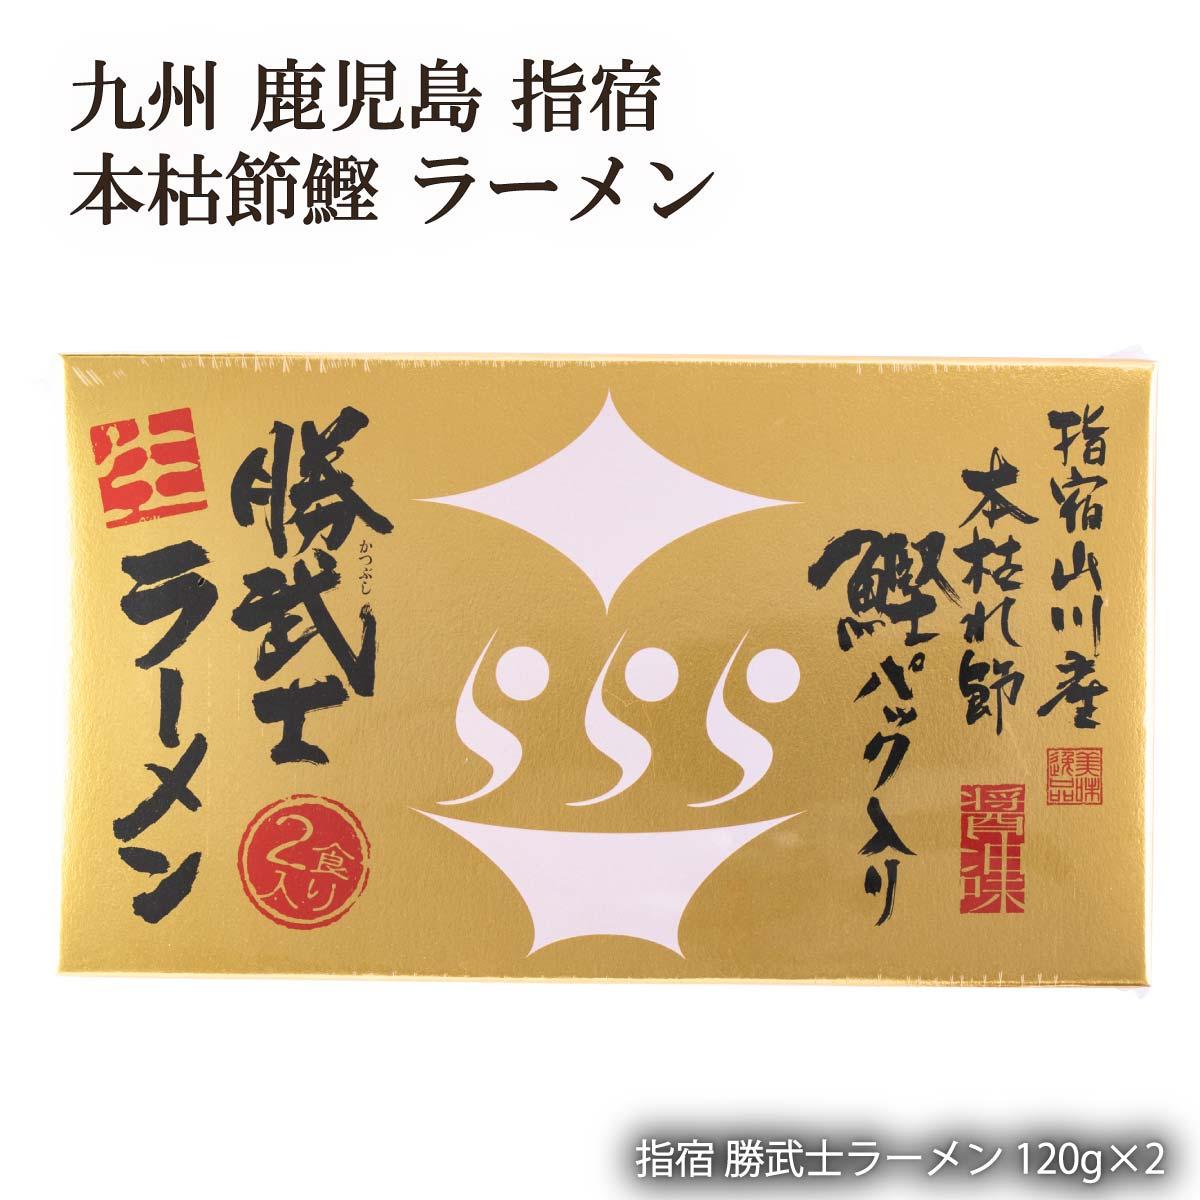 ラーメン イシマル 高級な 人気海外一番 鹿児島 九州 お土産 イシマル食品 勝武士ラーメン 指宿 120g×2